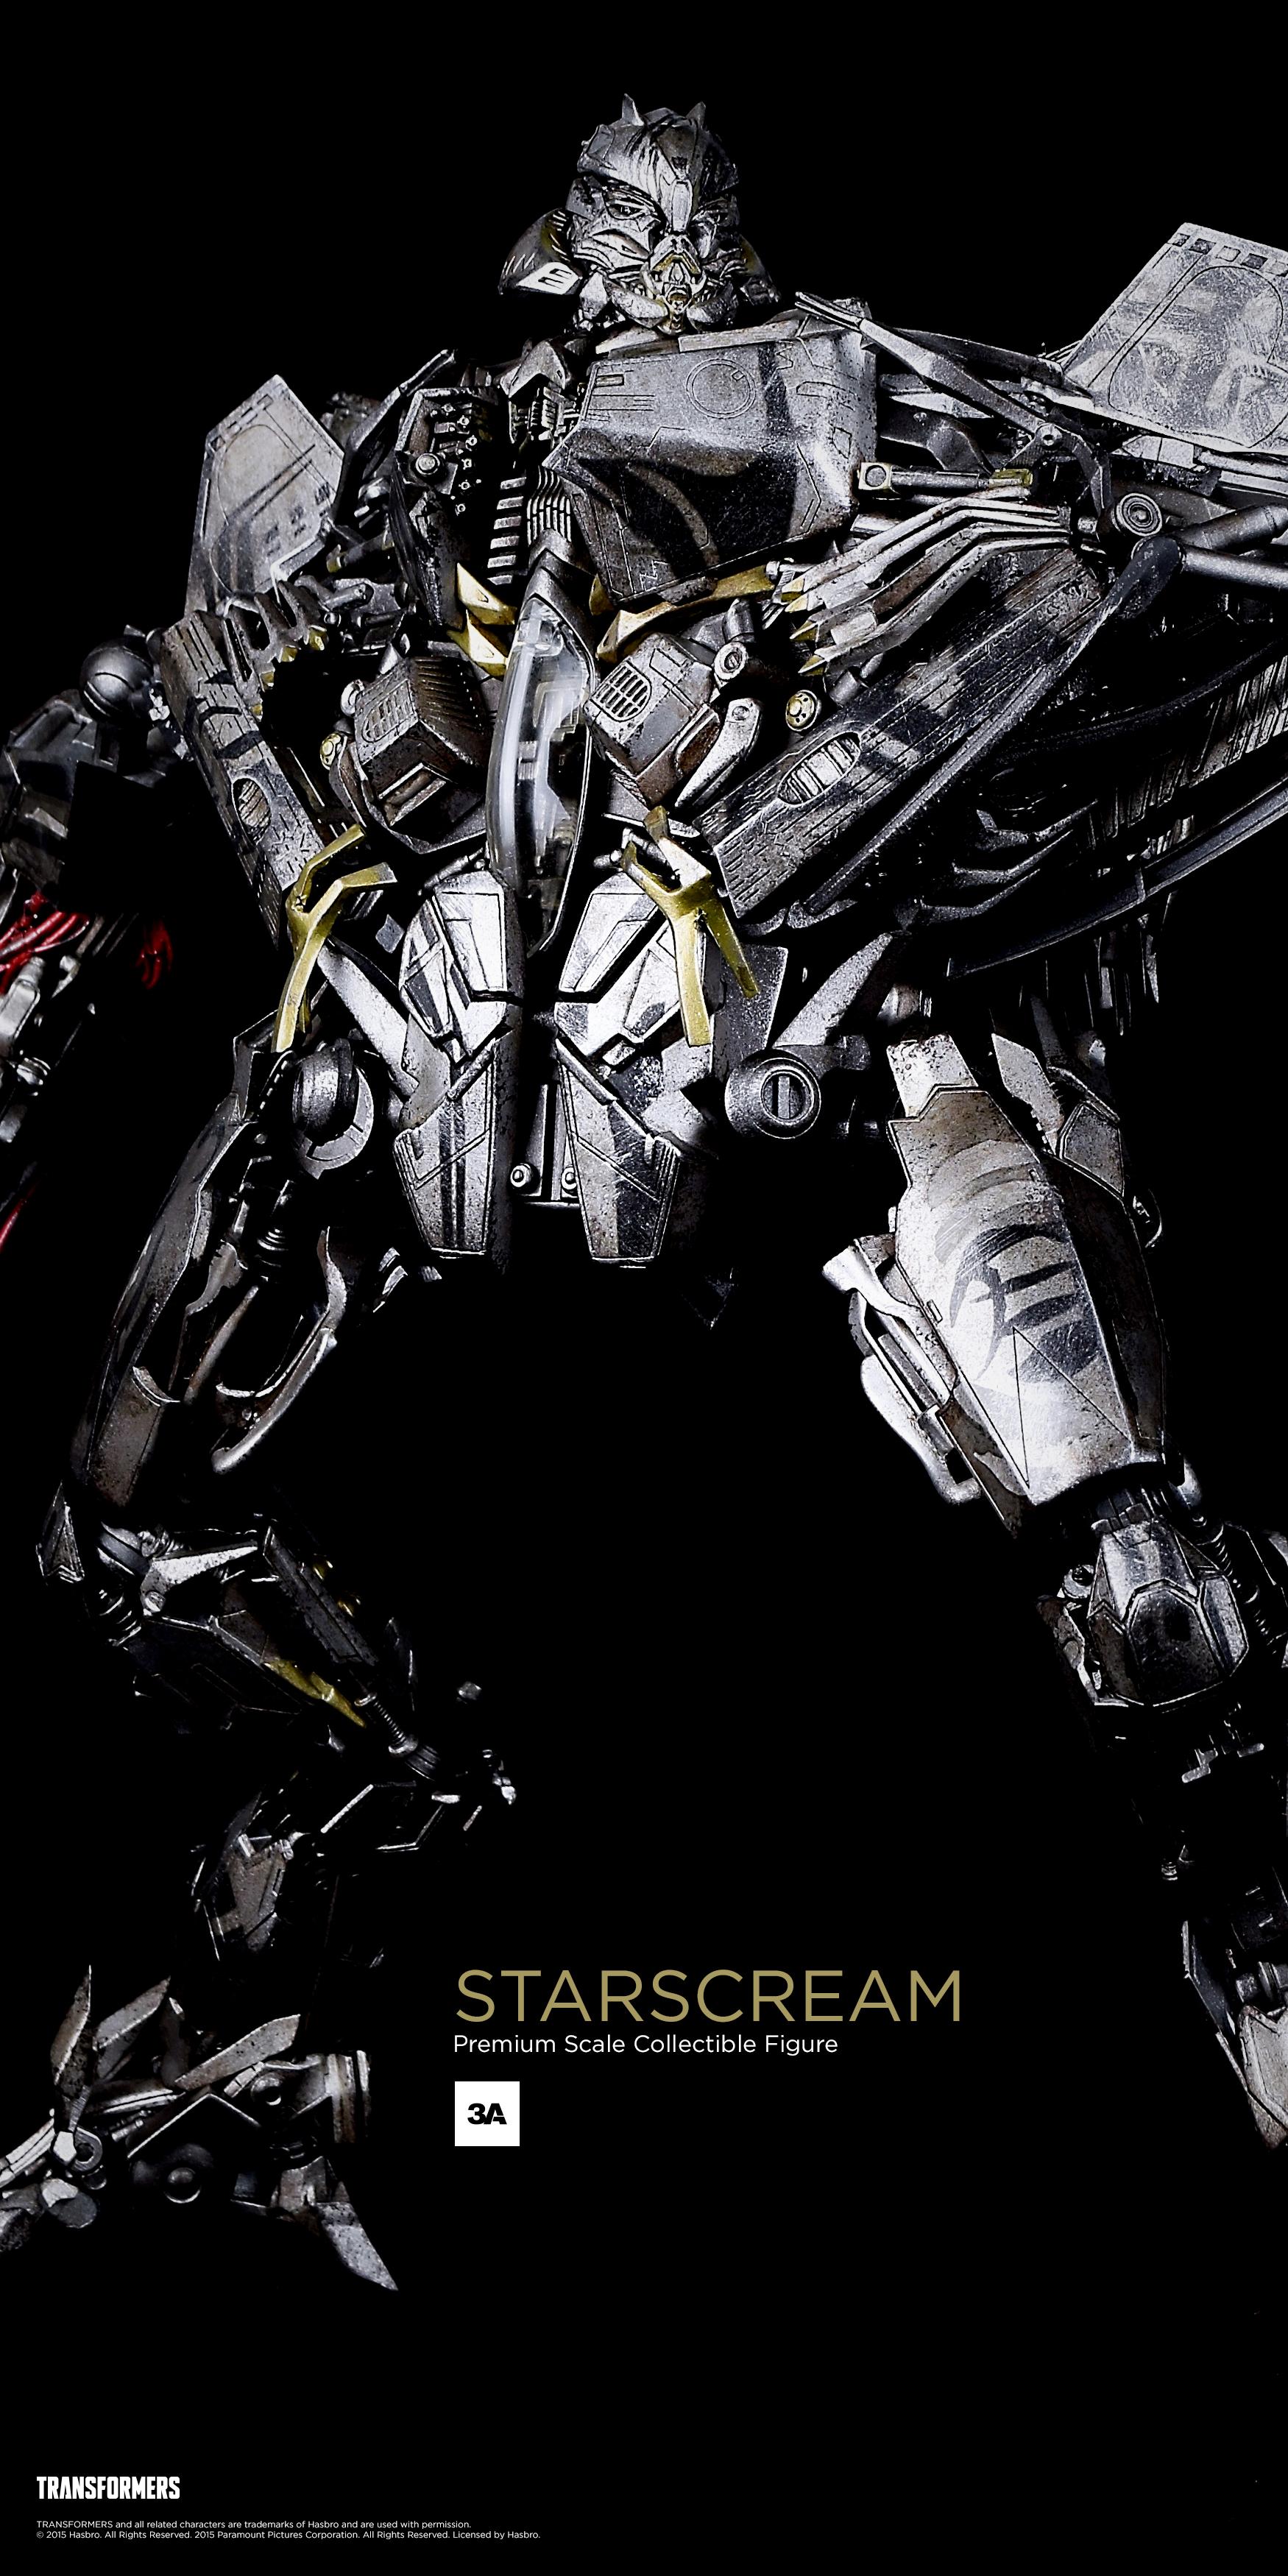 3A_Transformers_Starscream_Ad_1750x3500_E_002.jpg